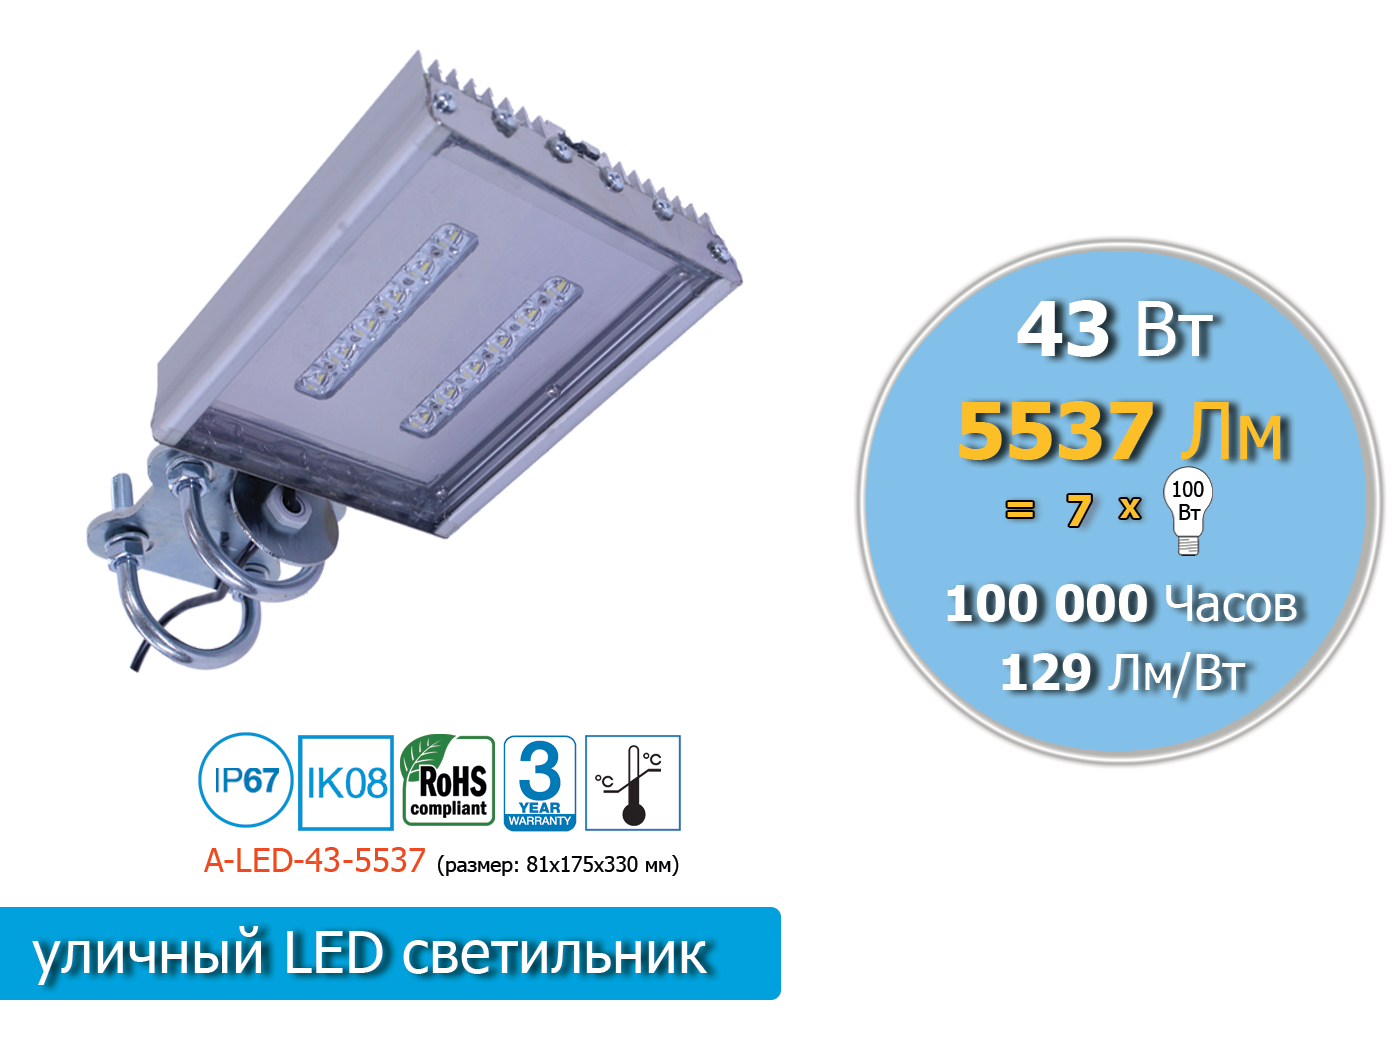 A-LED-43-5537-S